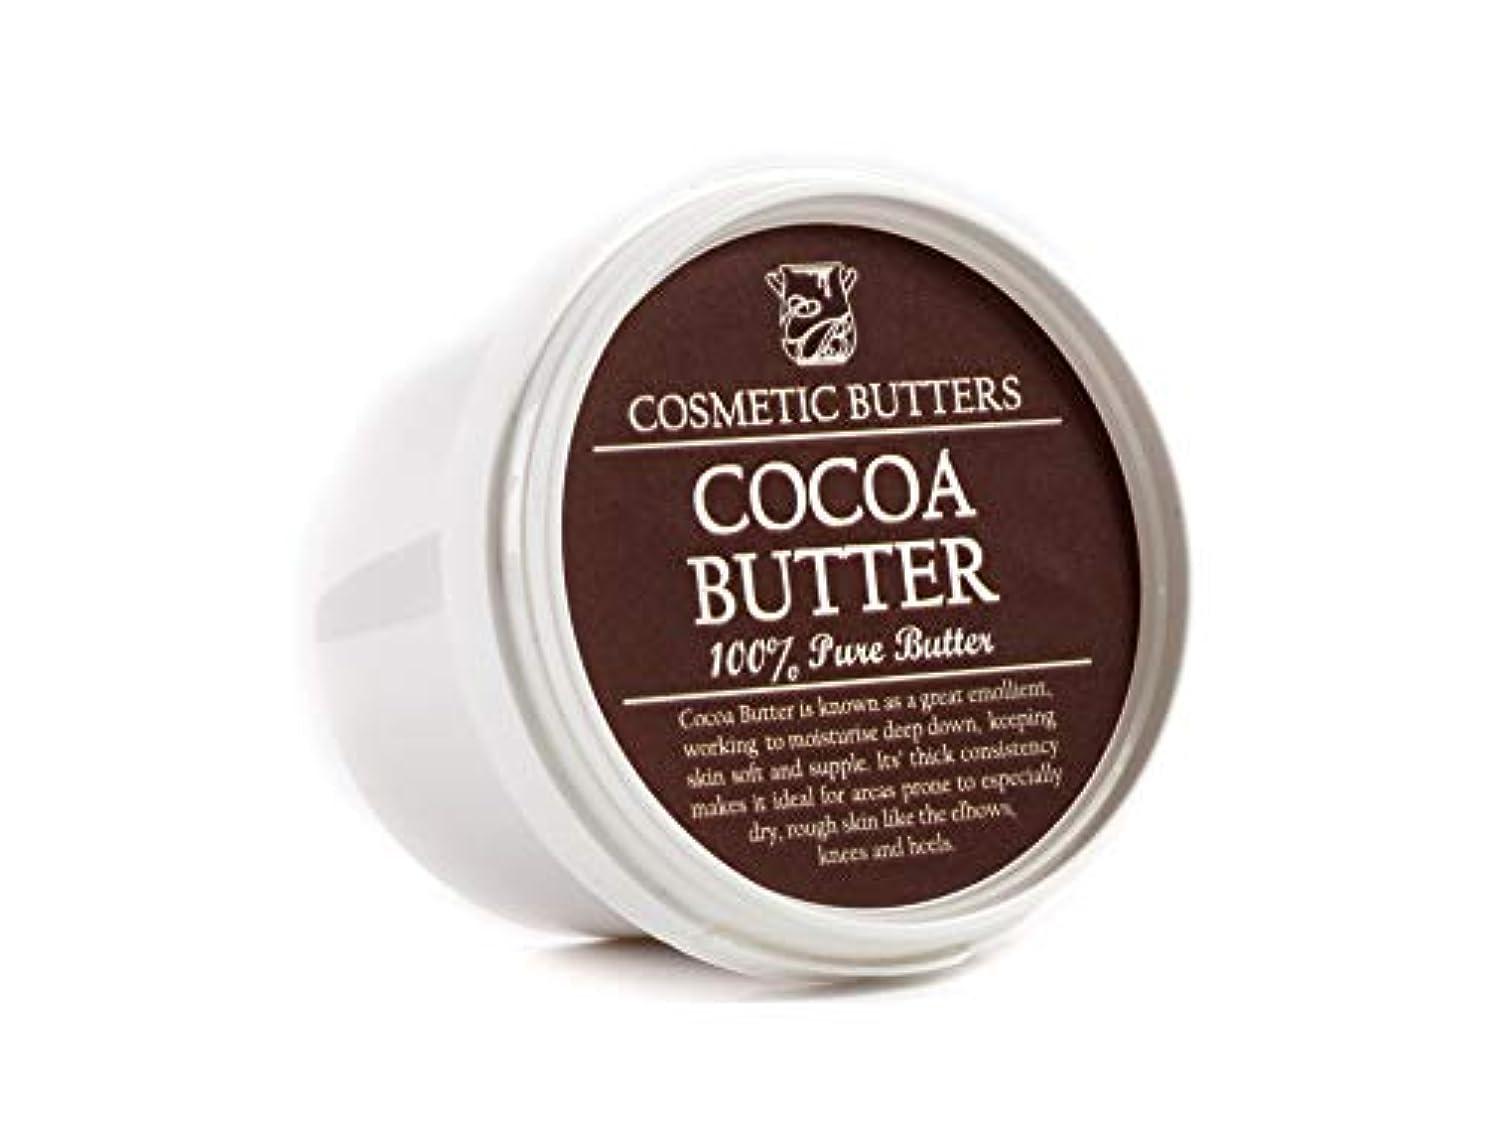 余分な抜け目がない共和党Cocoa Butter Deodorised - 100% Pure and Natural - 100g